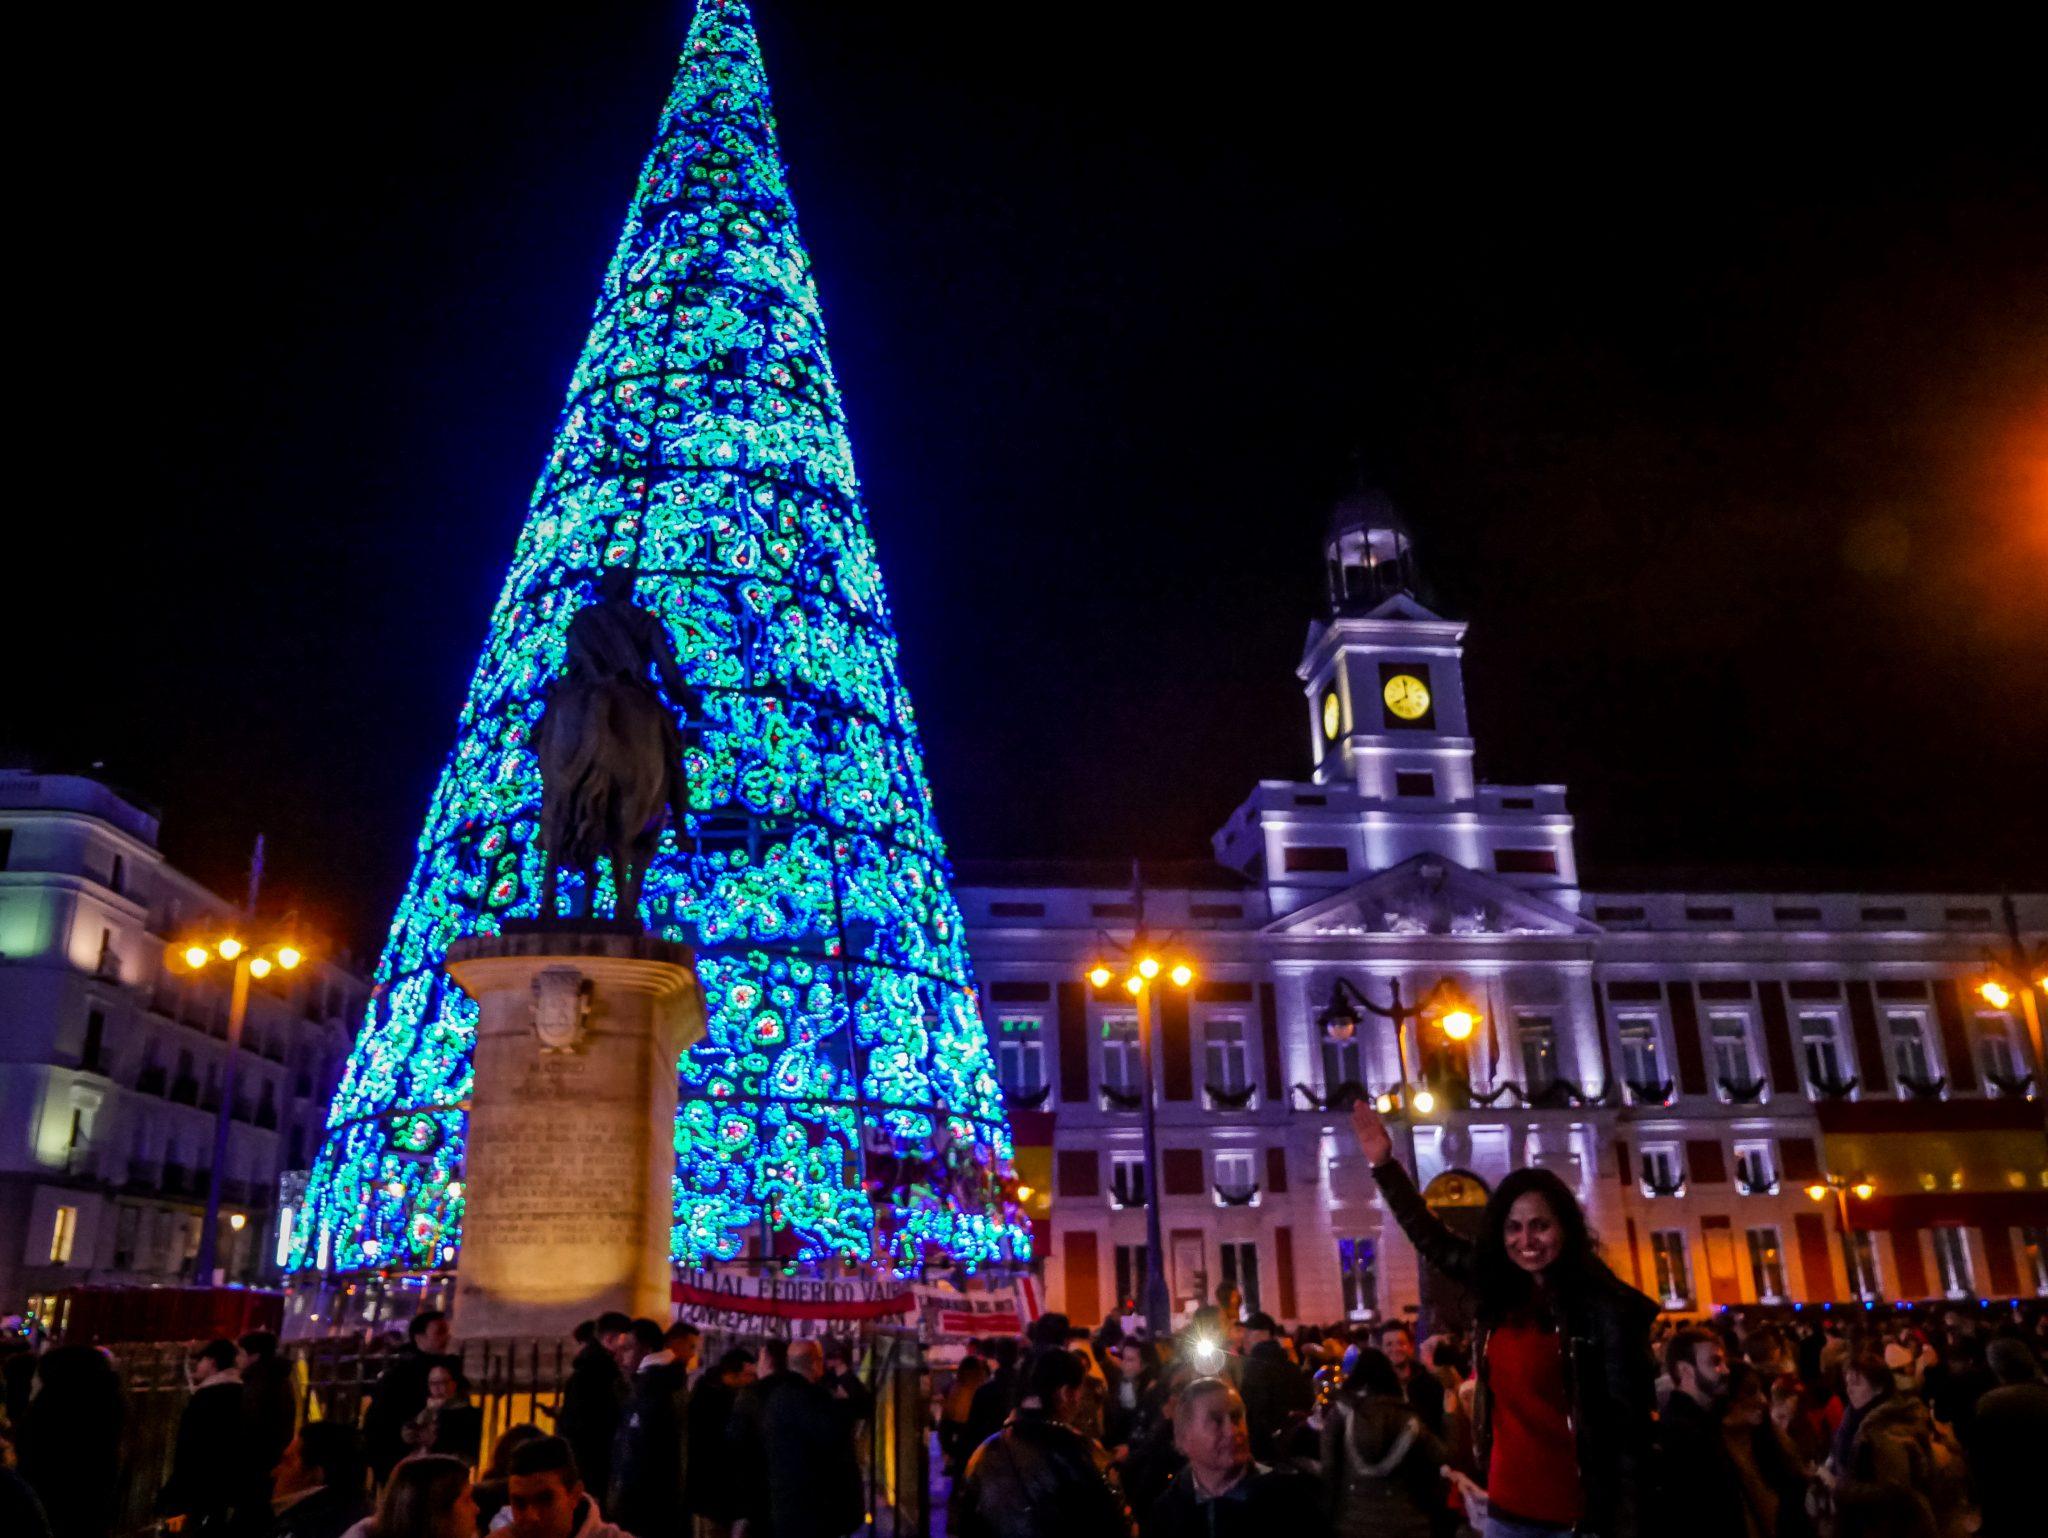 Besonders abends ist der Plaza del Sol komplett überfüllt von Schaulustigen, welche das beste Bild mit dem riesigen Tannenbaum ergattern möchten.